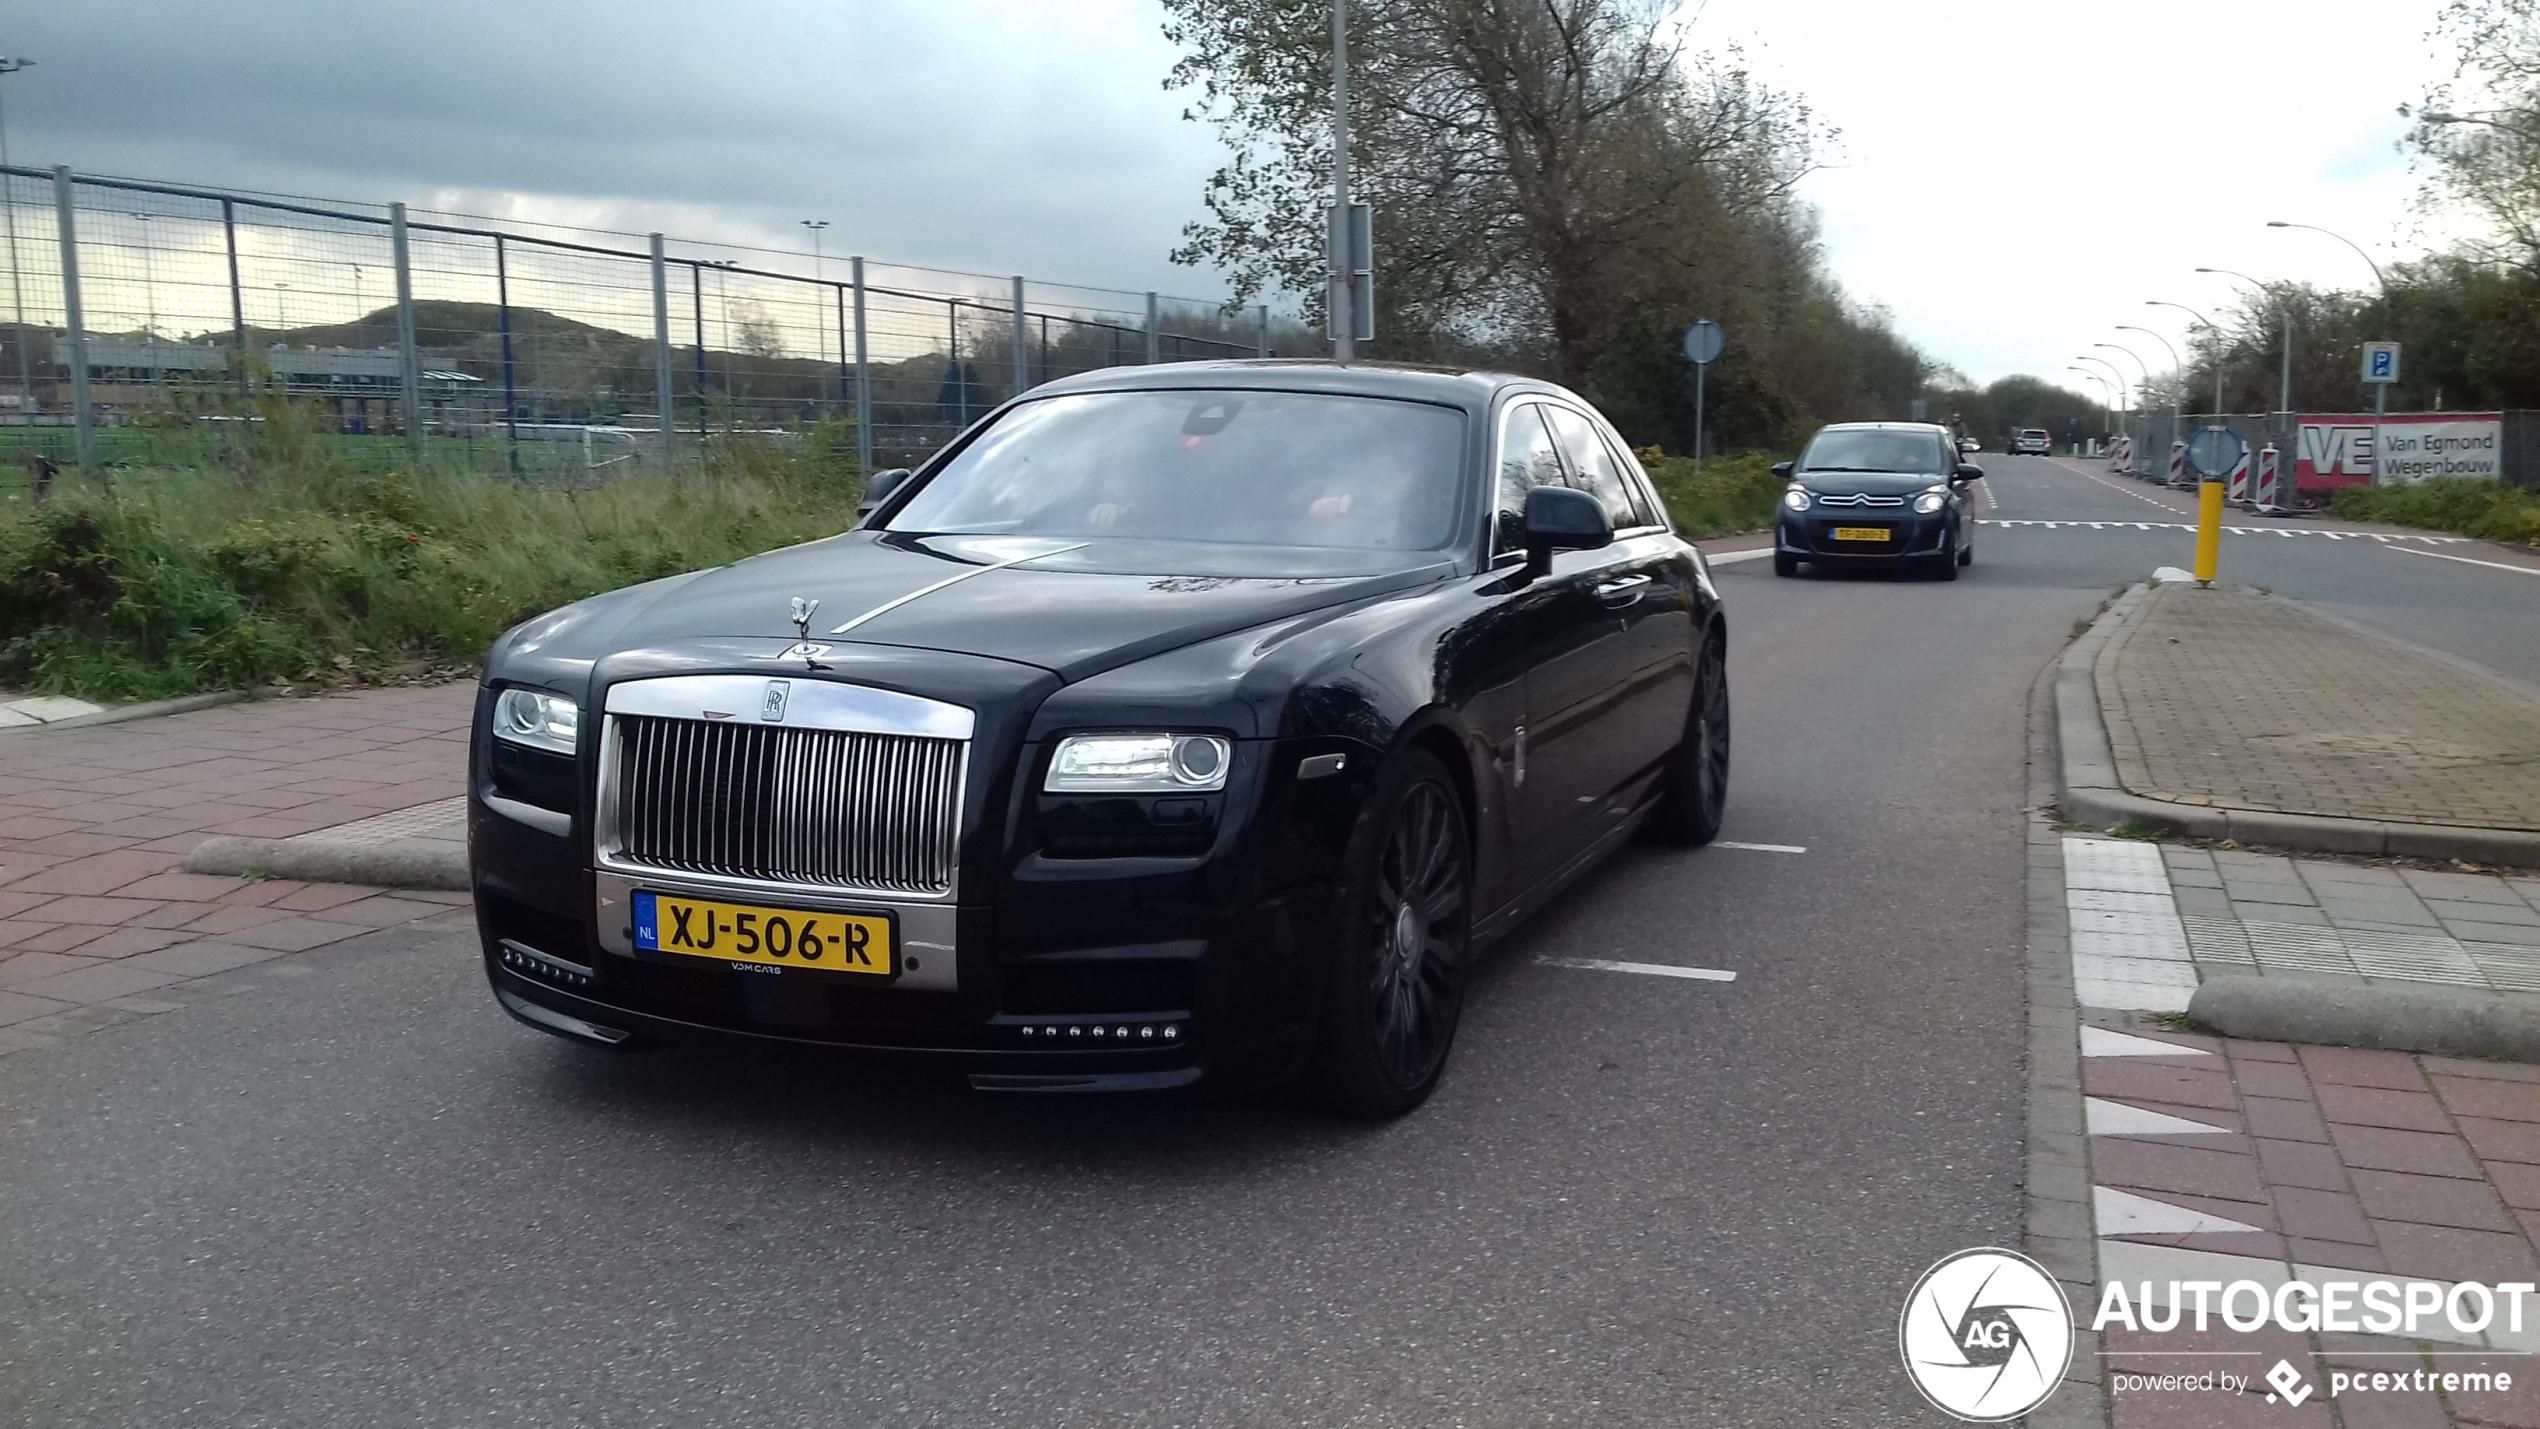 Rolls-Royce Ghost Spofec